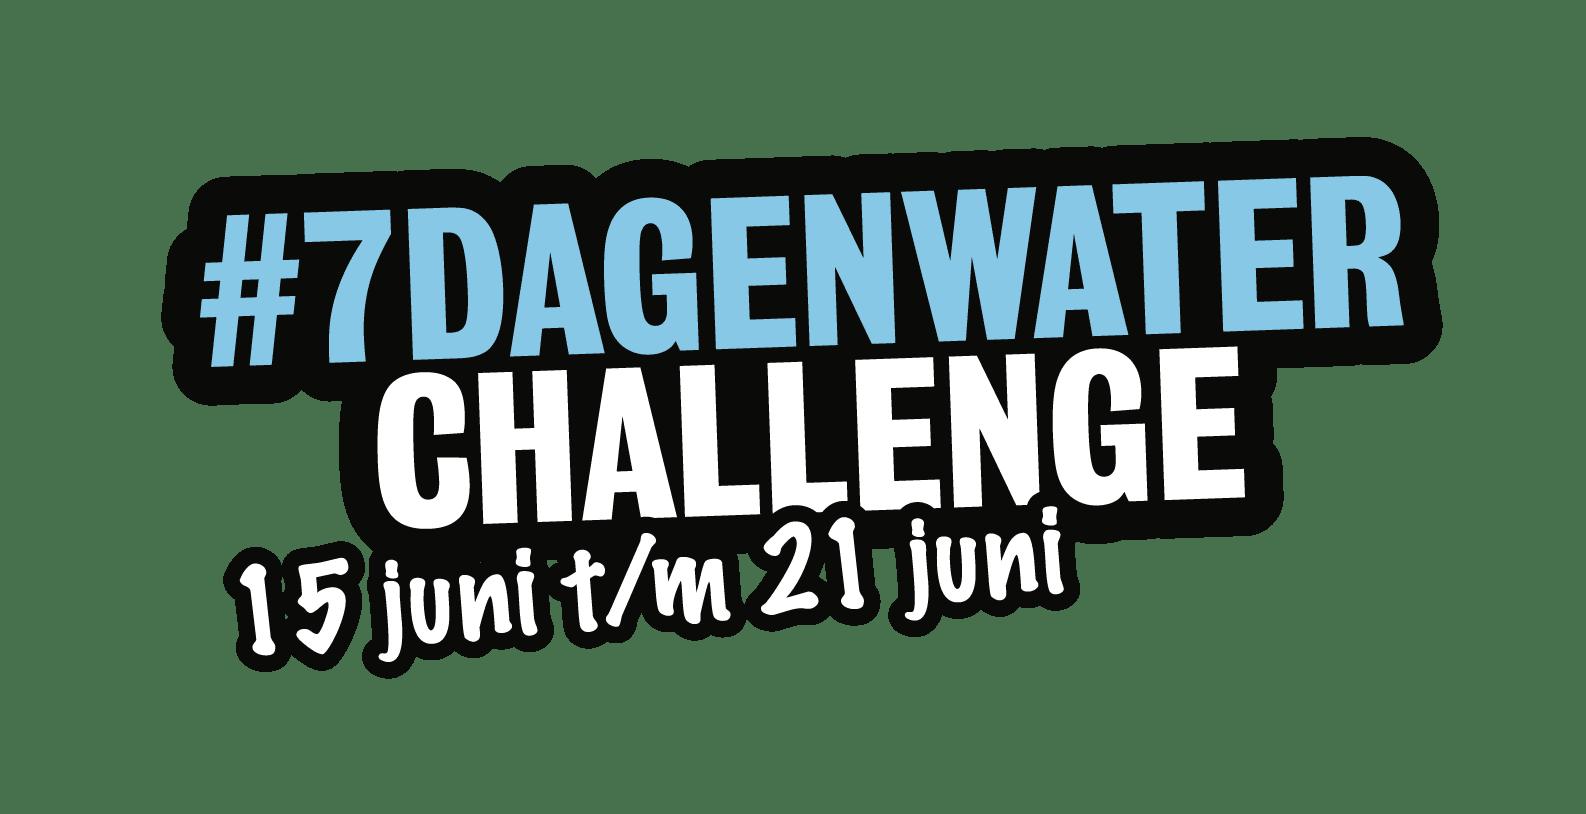 #7dagenwater challenge - Stichting WIEL